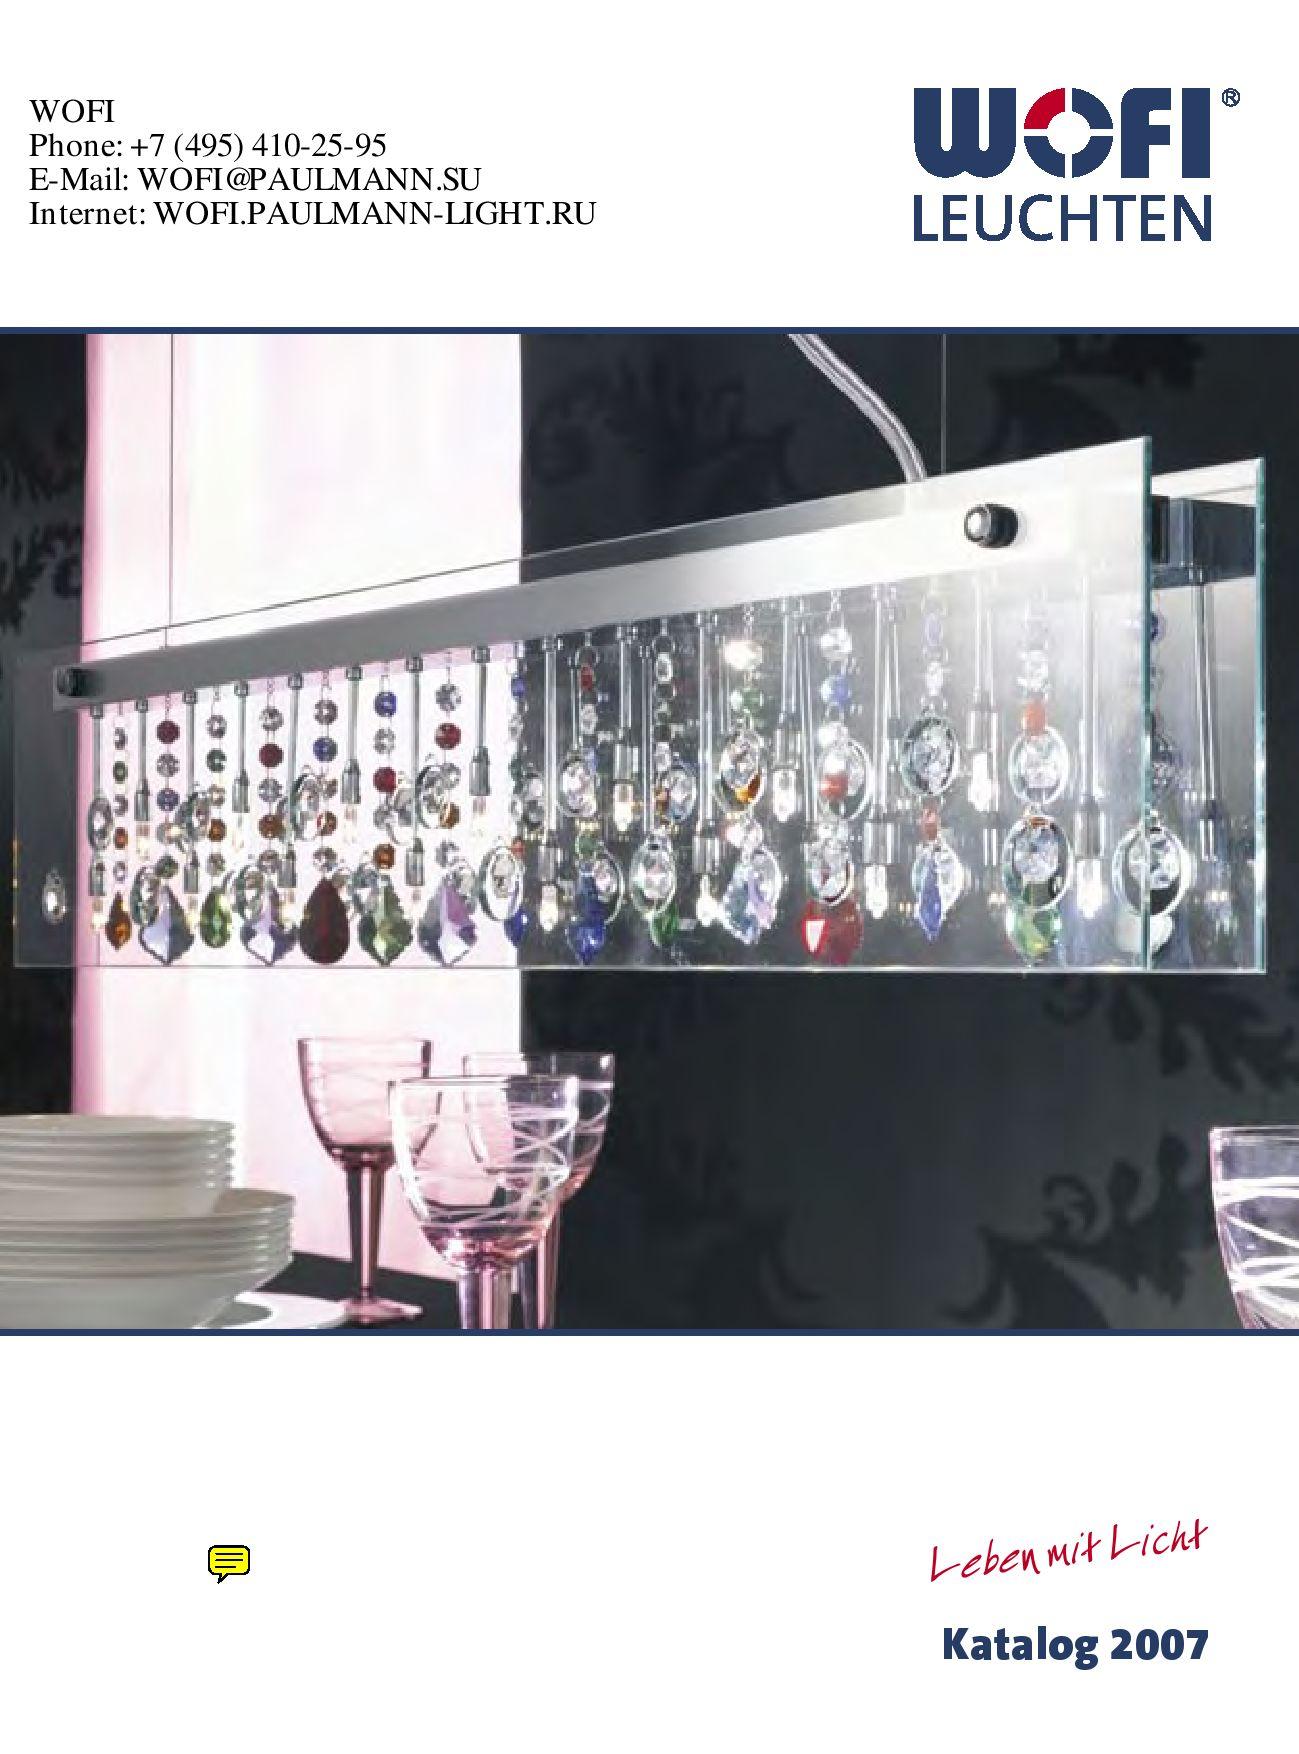 Stehlampe Wofi-Leuchten Farbtemperatur einstellbar LED Leselampe mit Dimmer